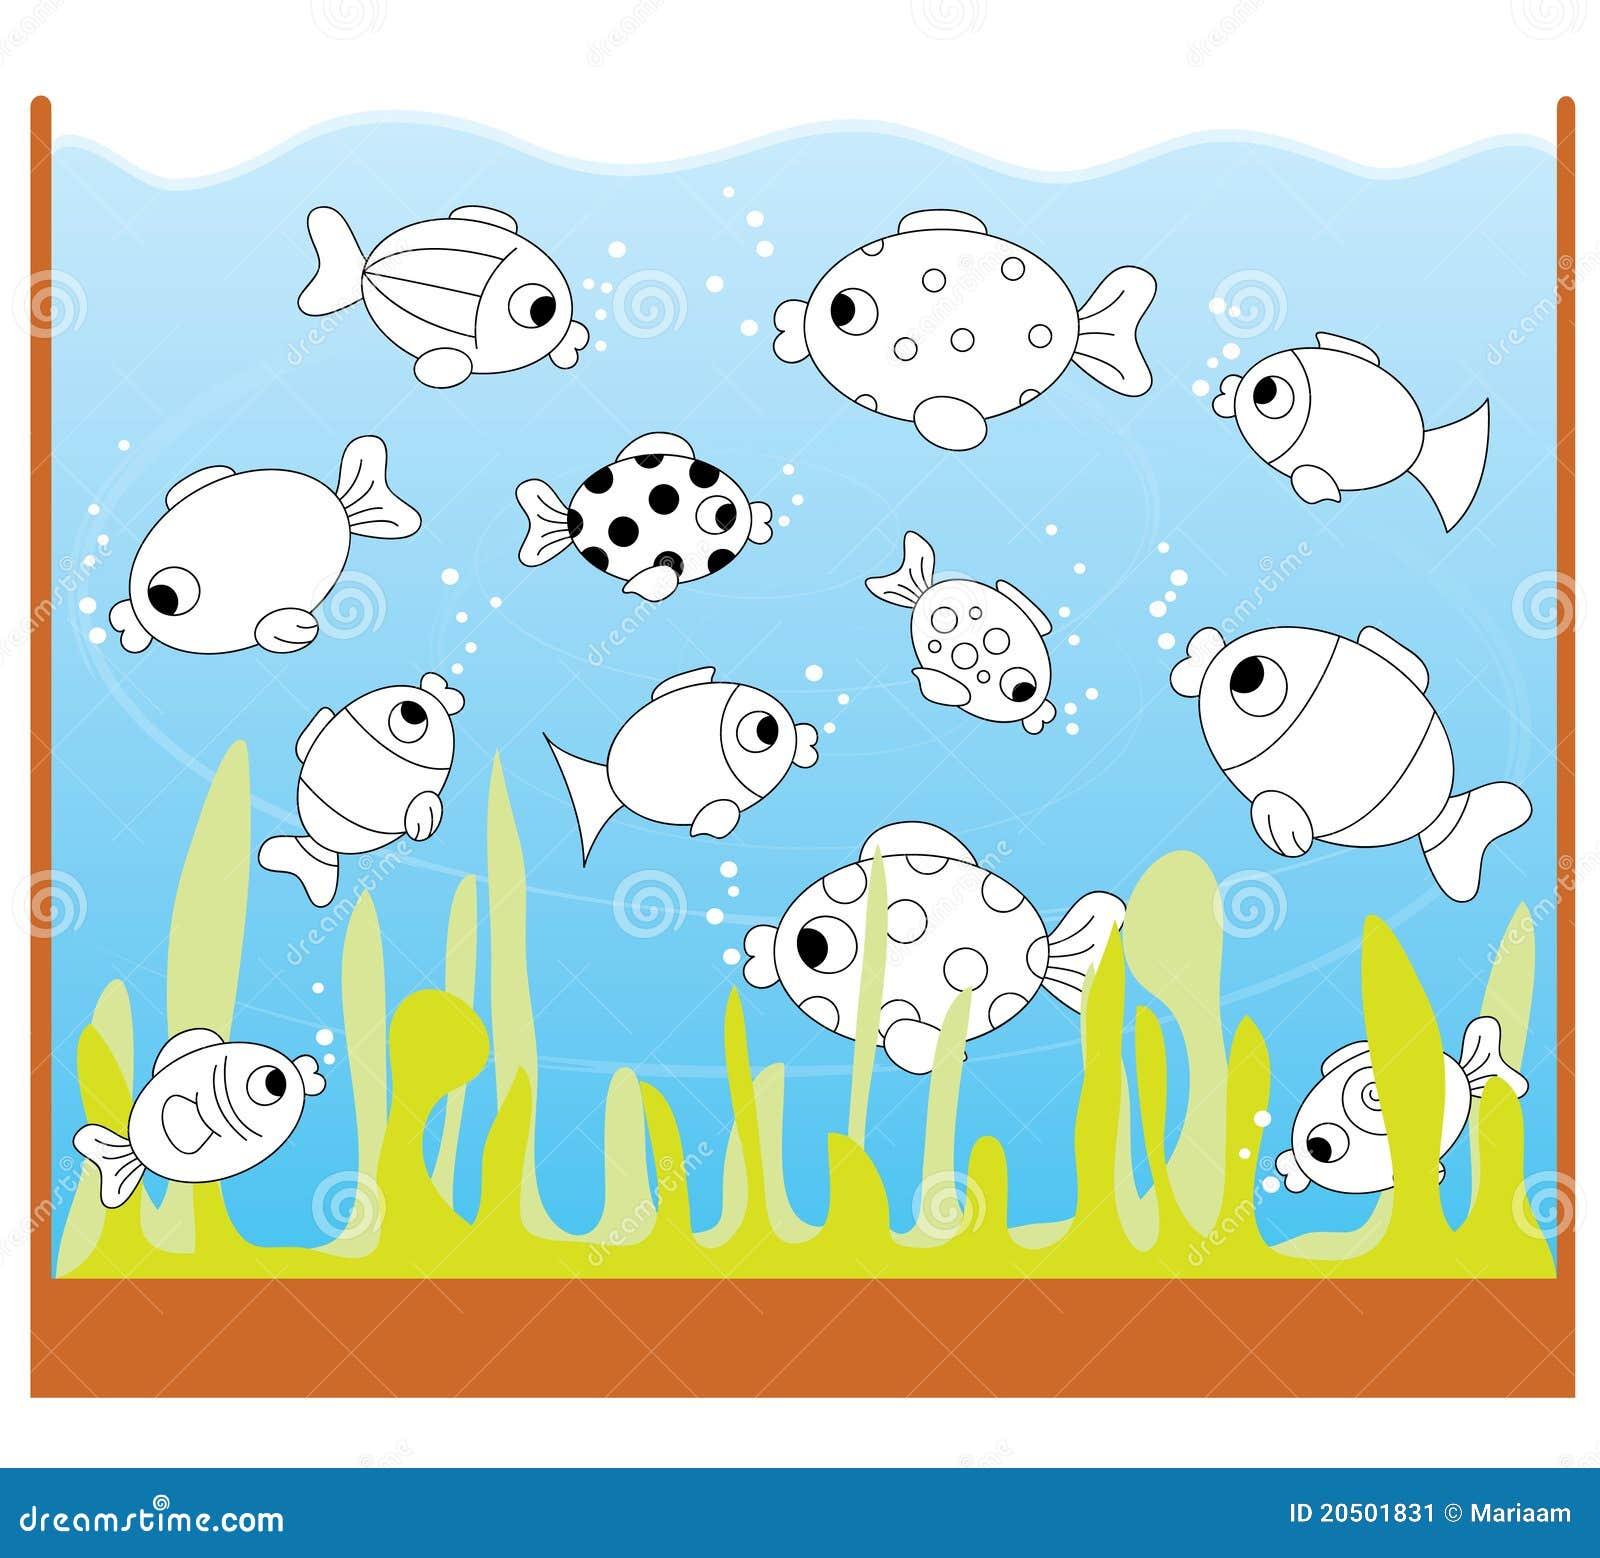 Jogo das crianças: somente dois peixes iguais